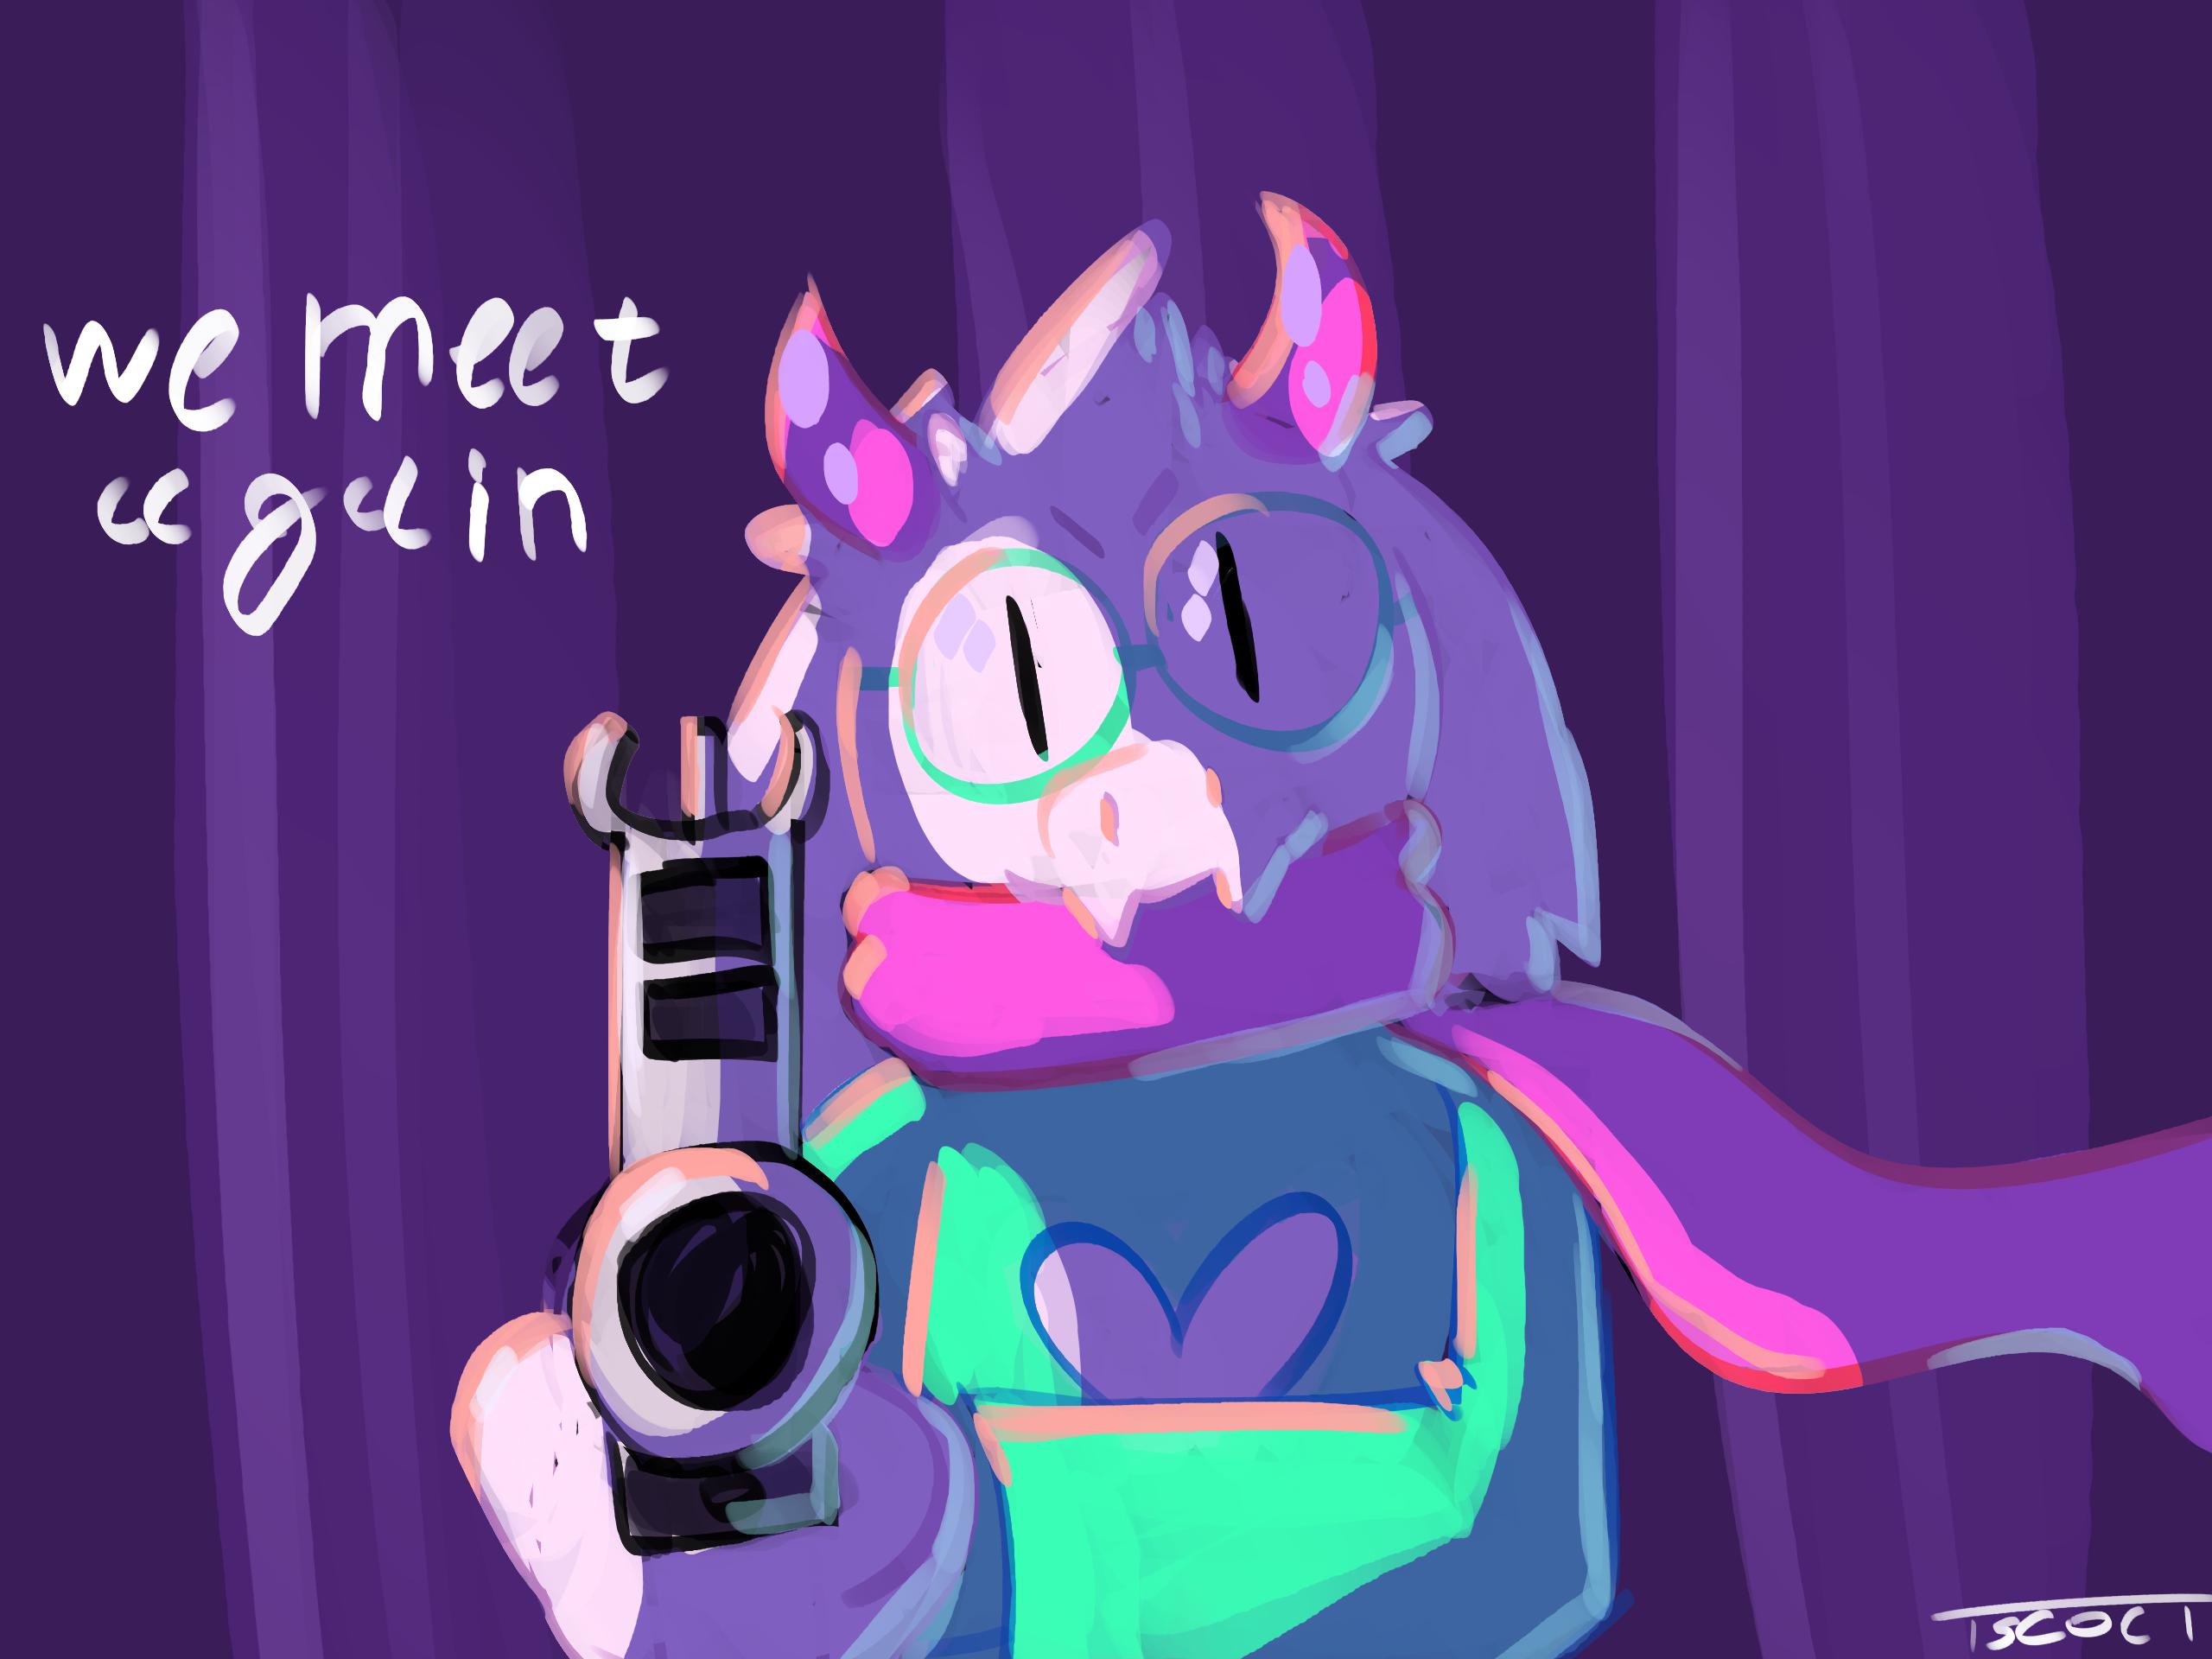 Ralsei points a gun at you